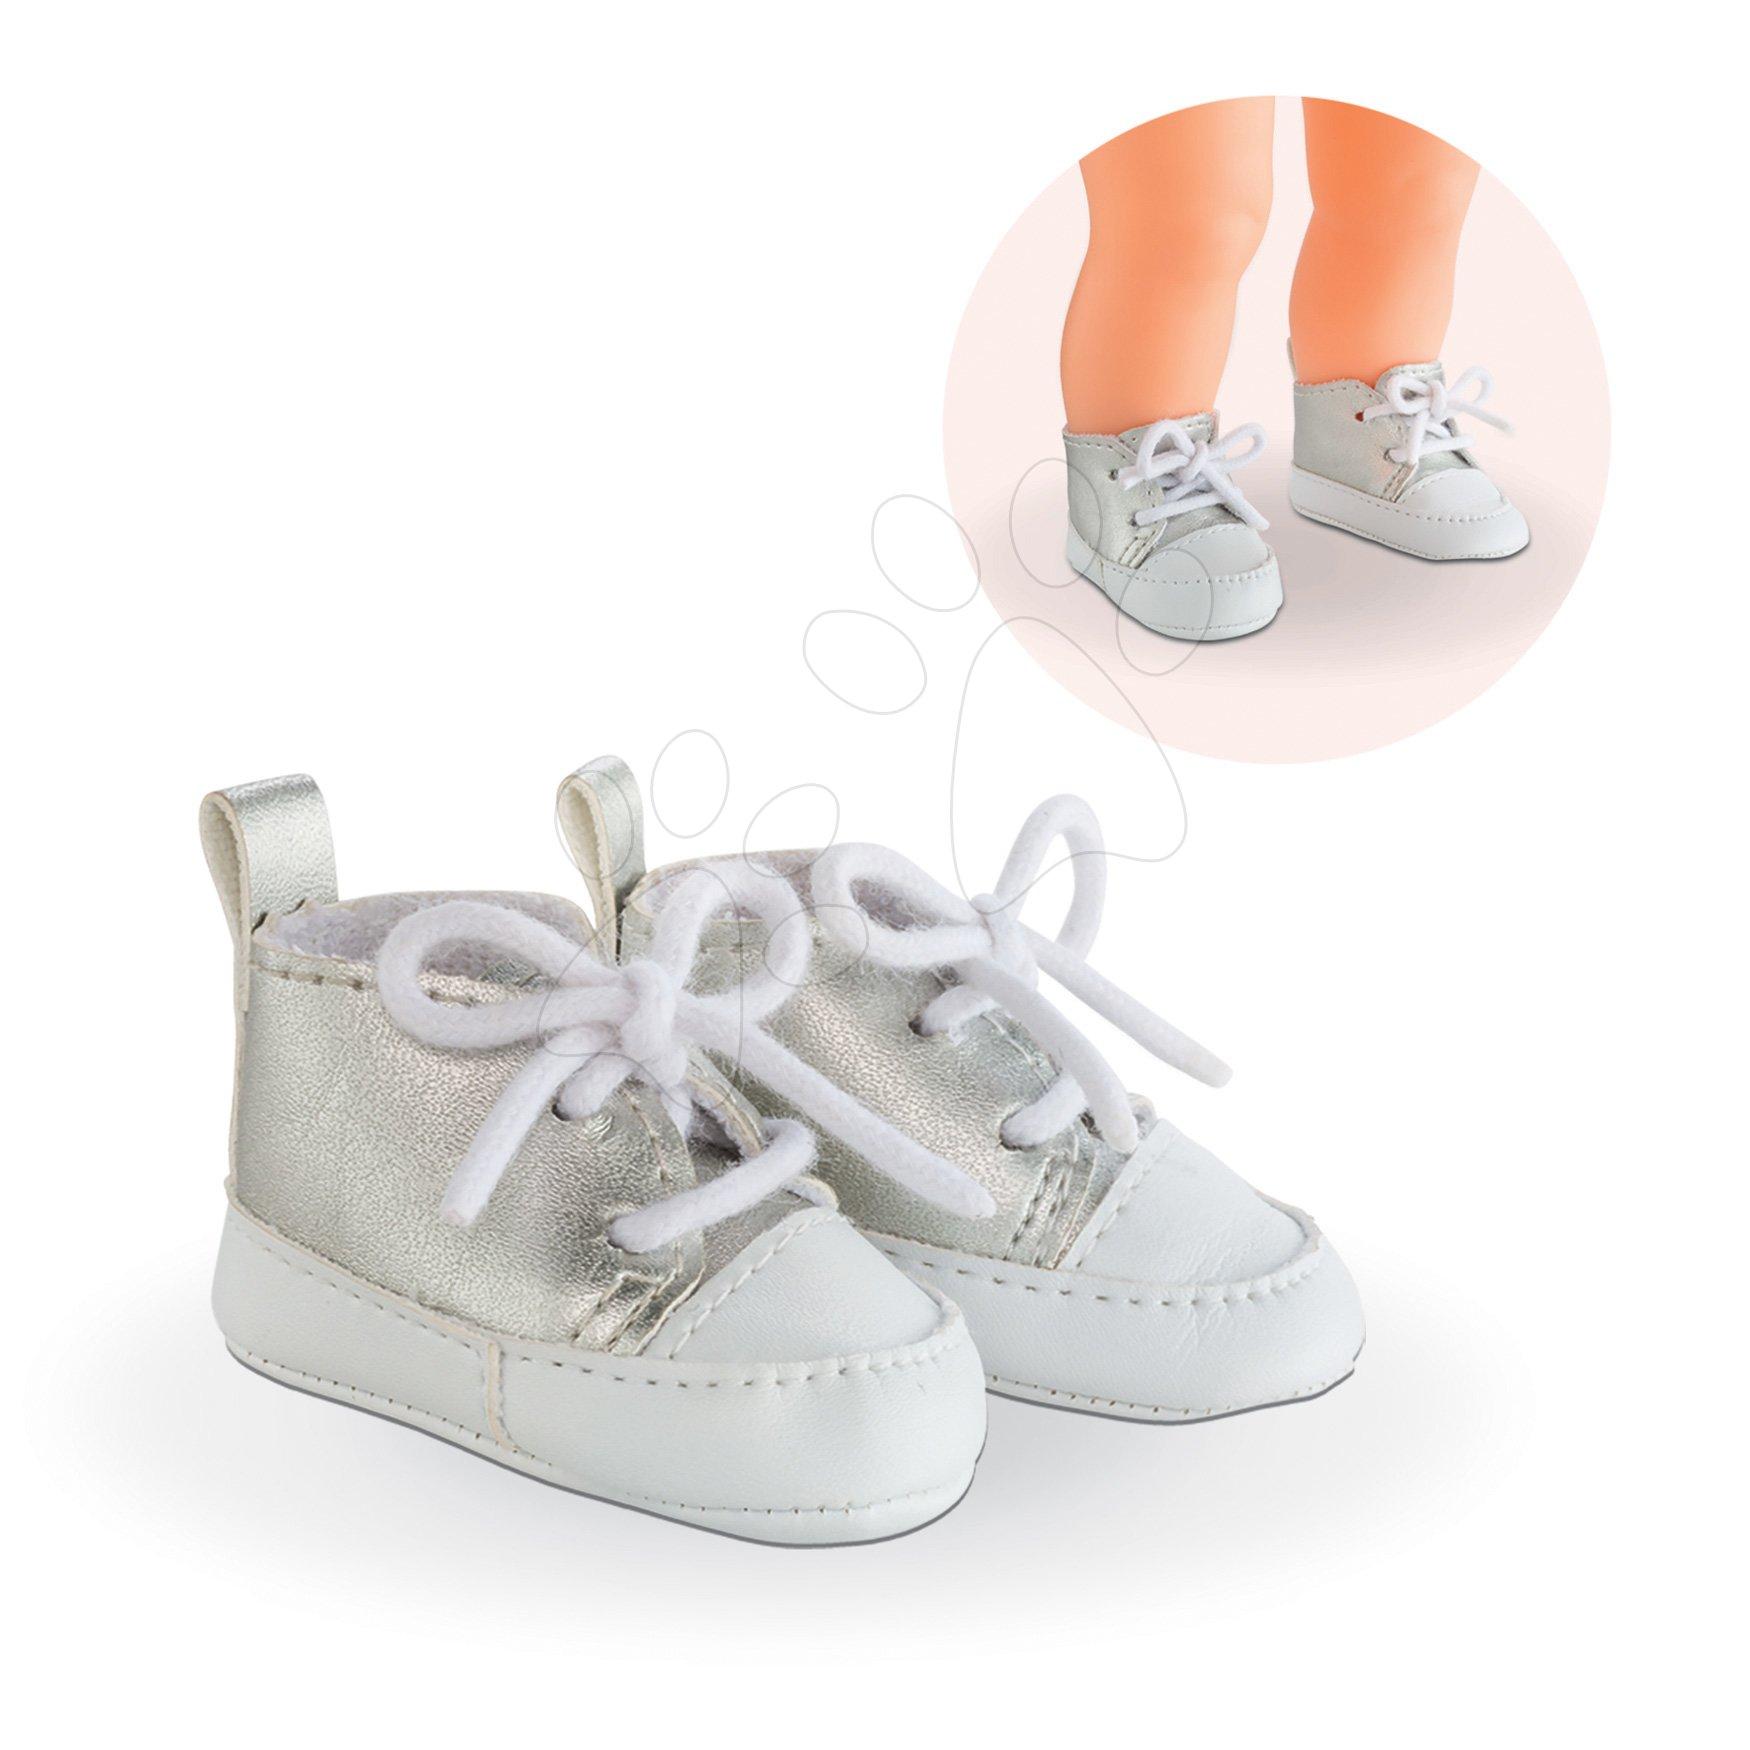 Topánky Silvered Sneakers Ma Corolle pre 36 cm bábiku od 4 rokov